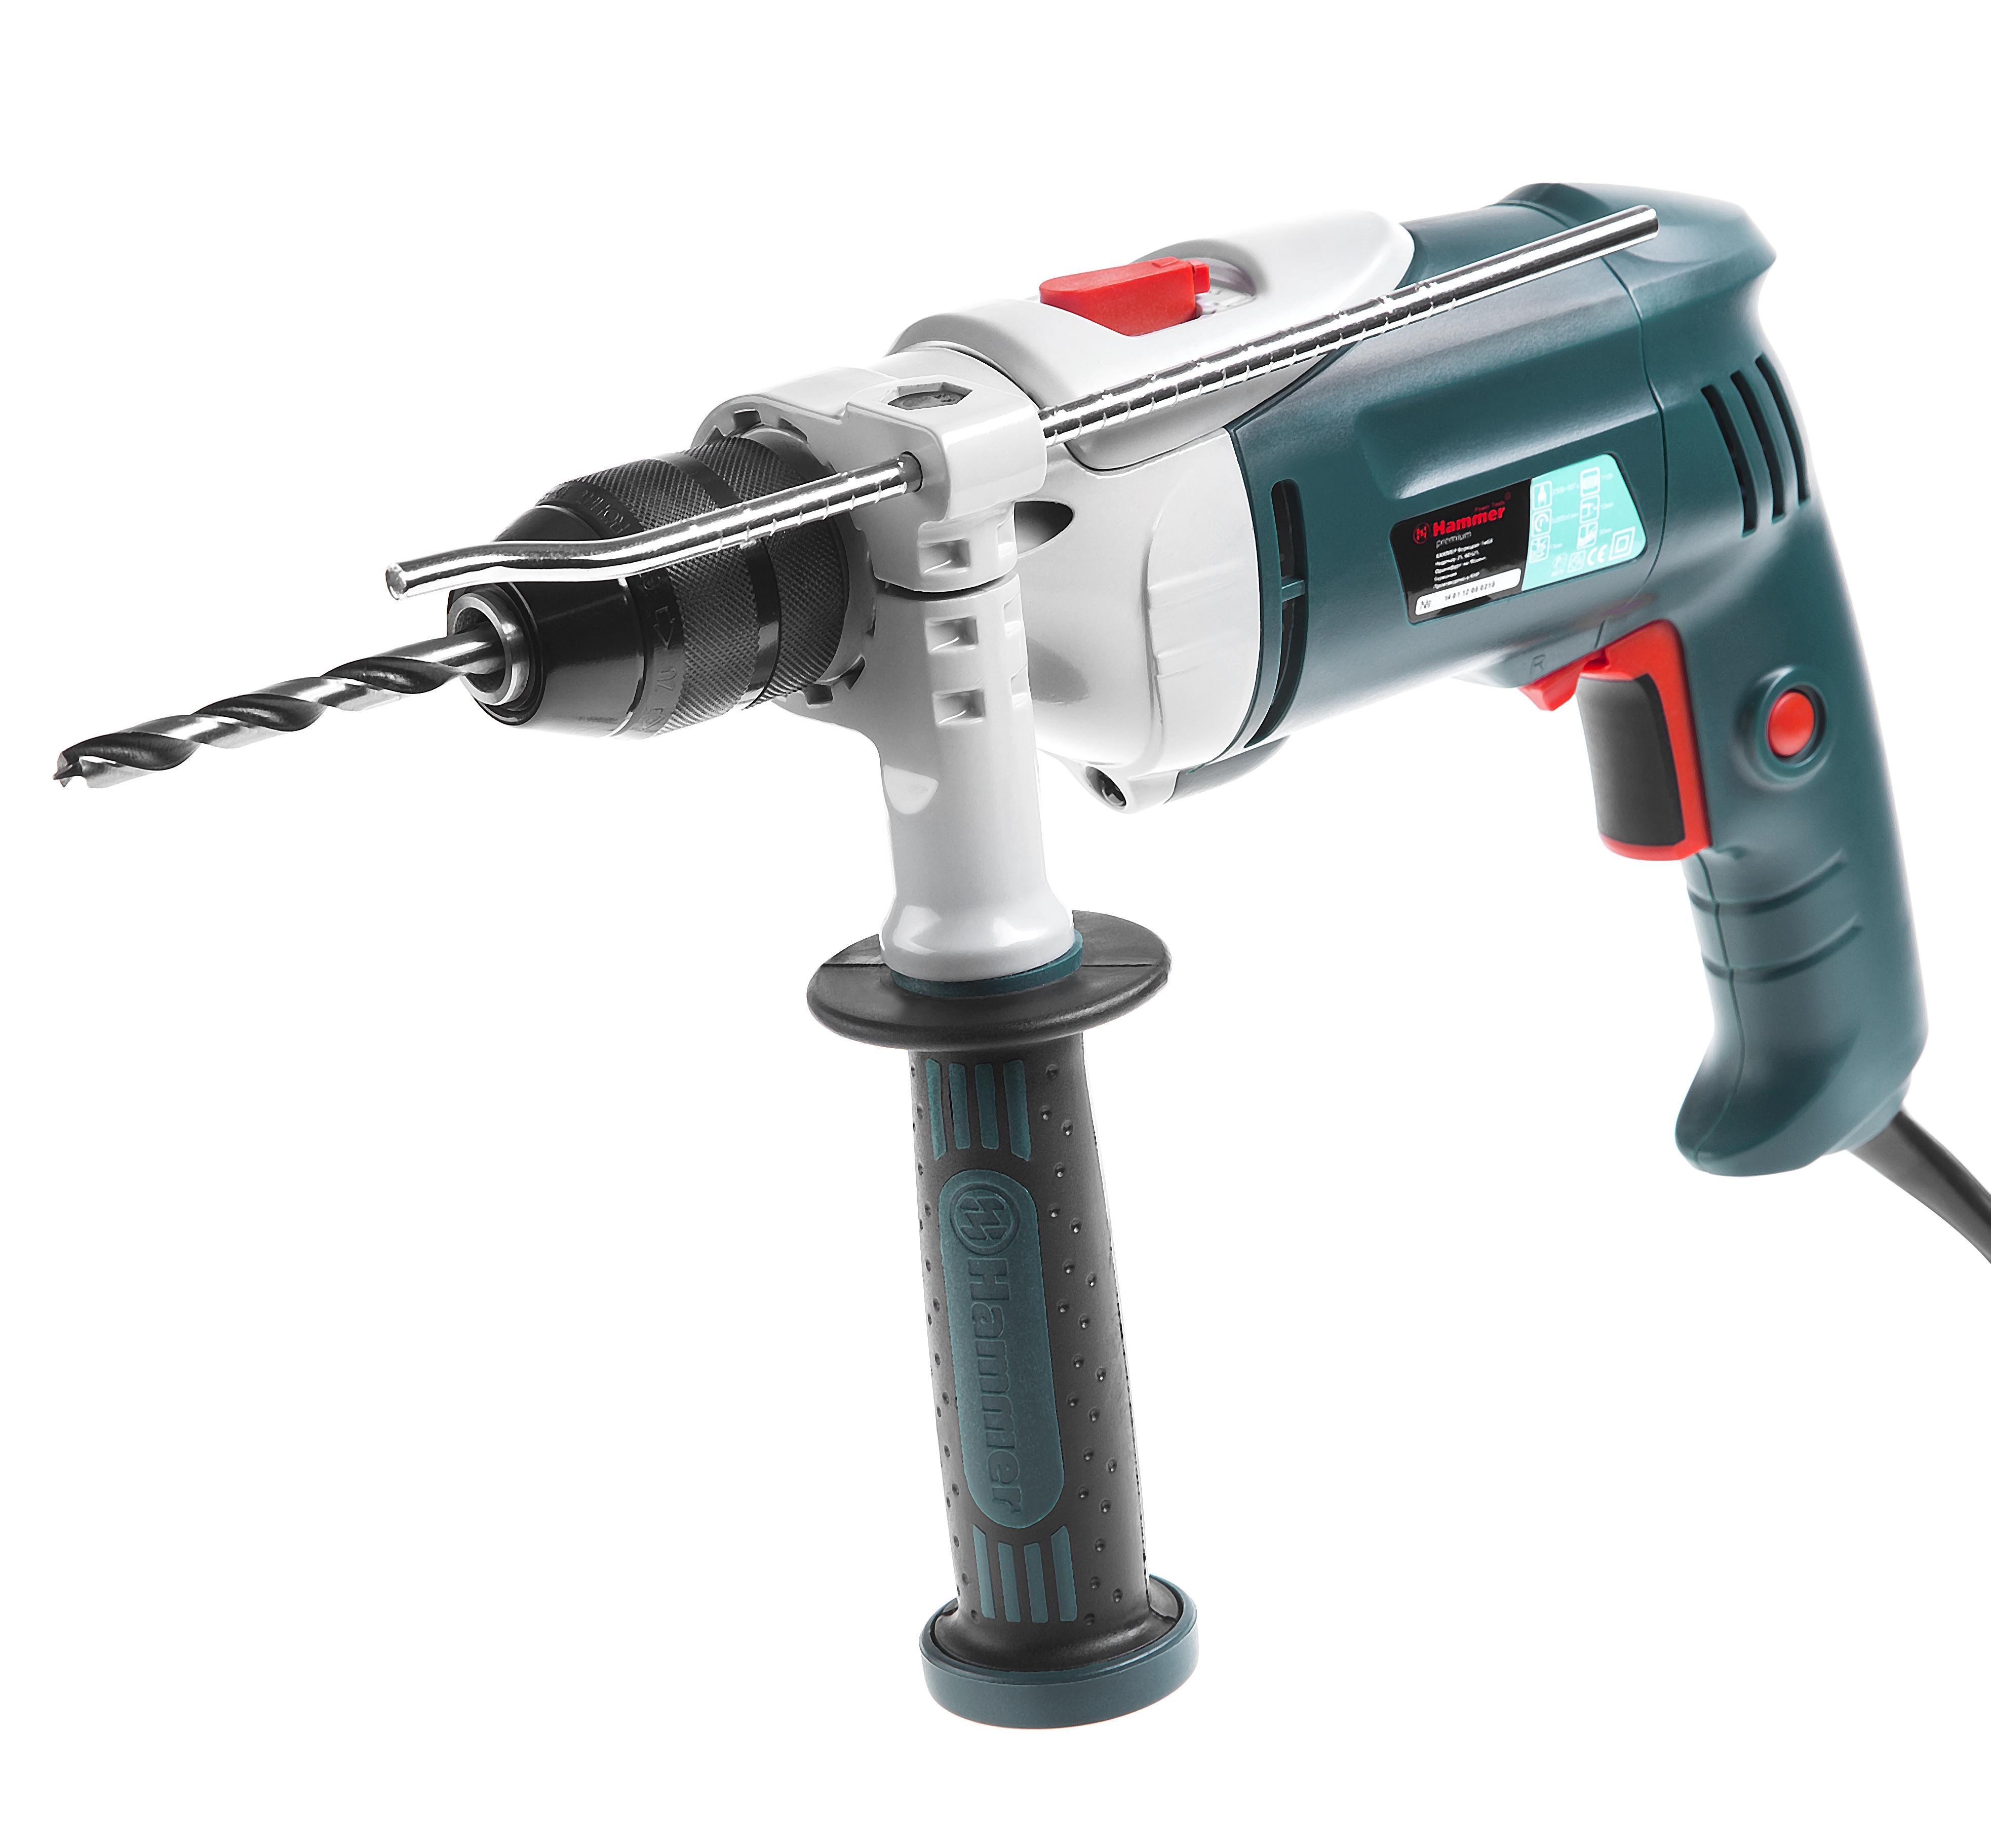 Дрель ударная Hammer Udd710С premium  (111-002)